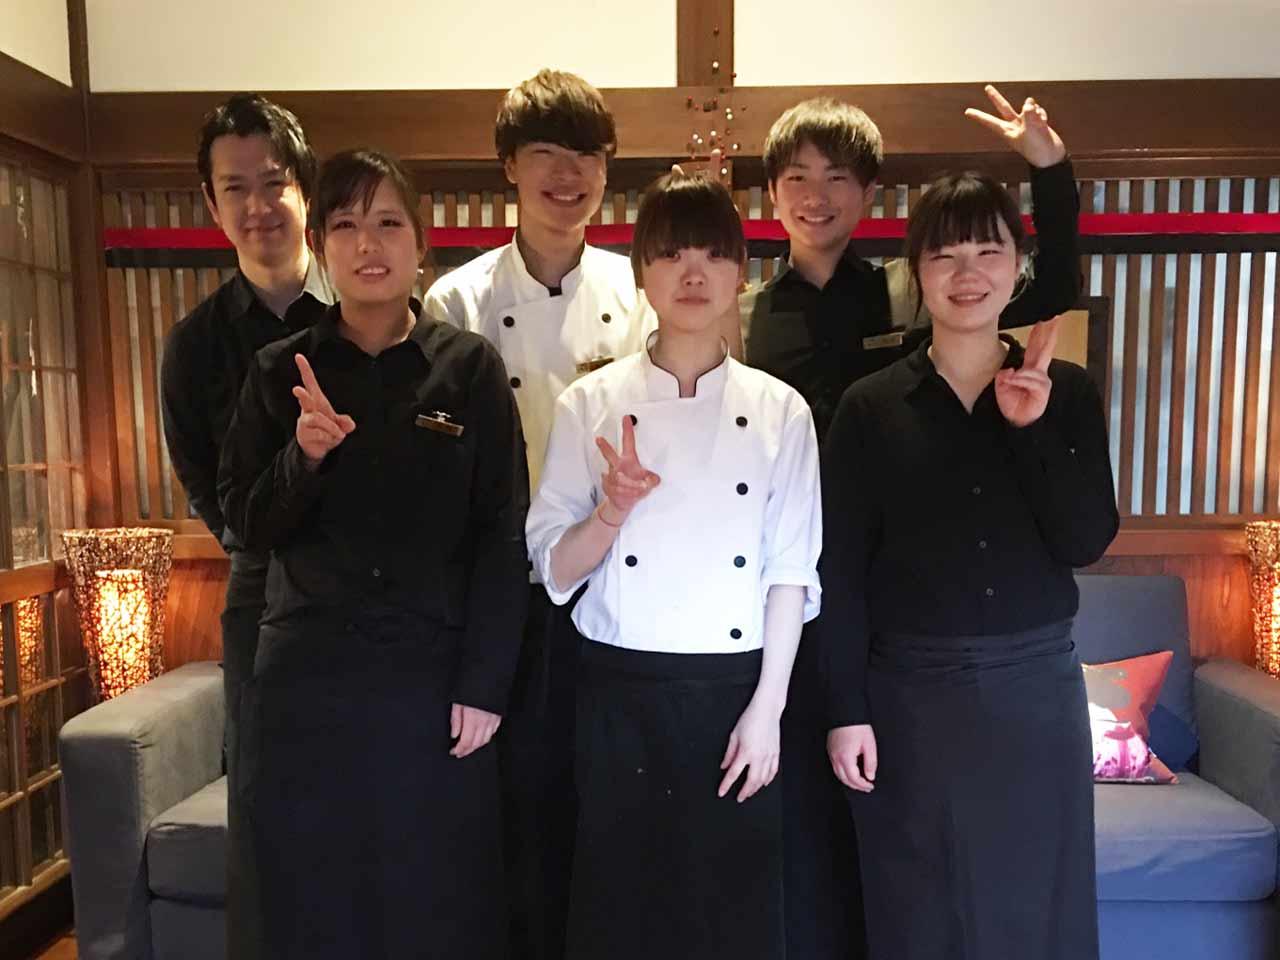 【急募】(1)厨房/キッチン [ア] (2)接客/ホール [ア] ...